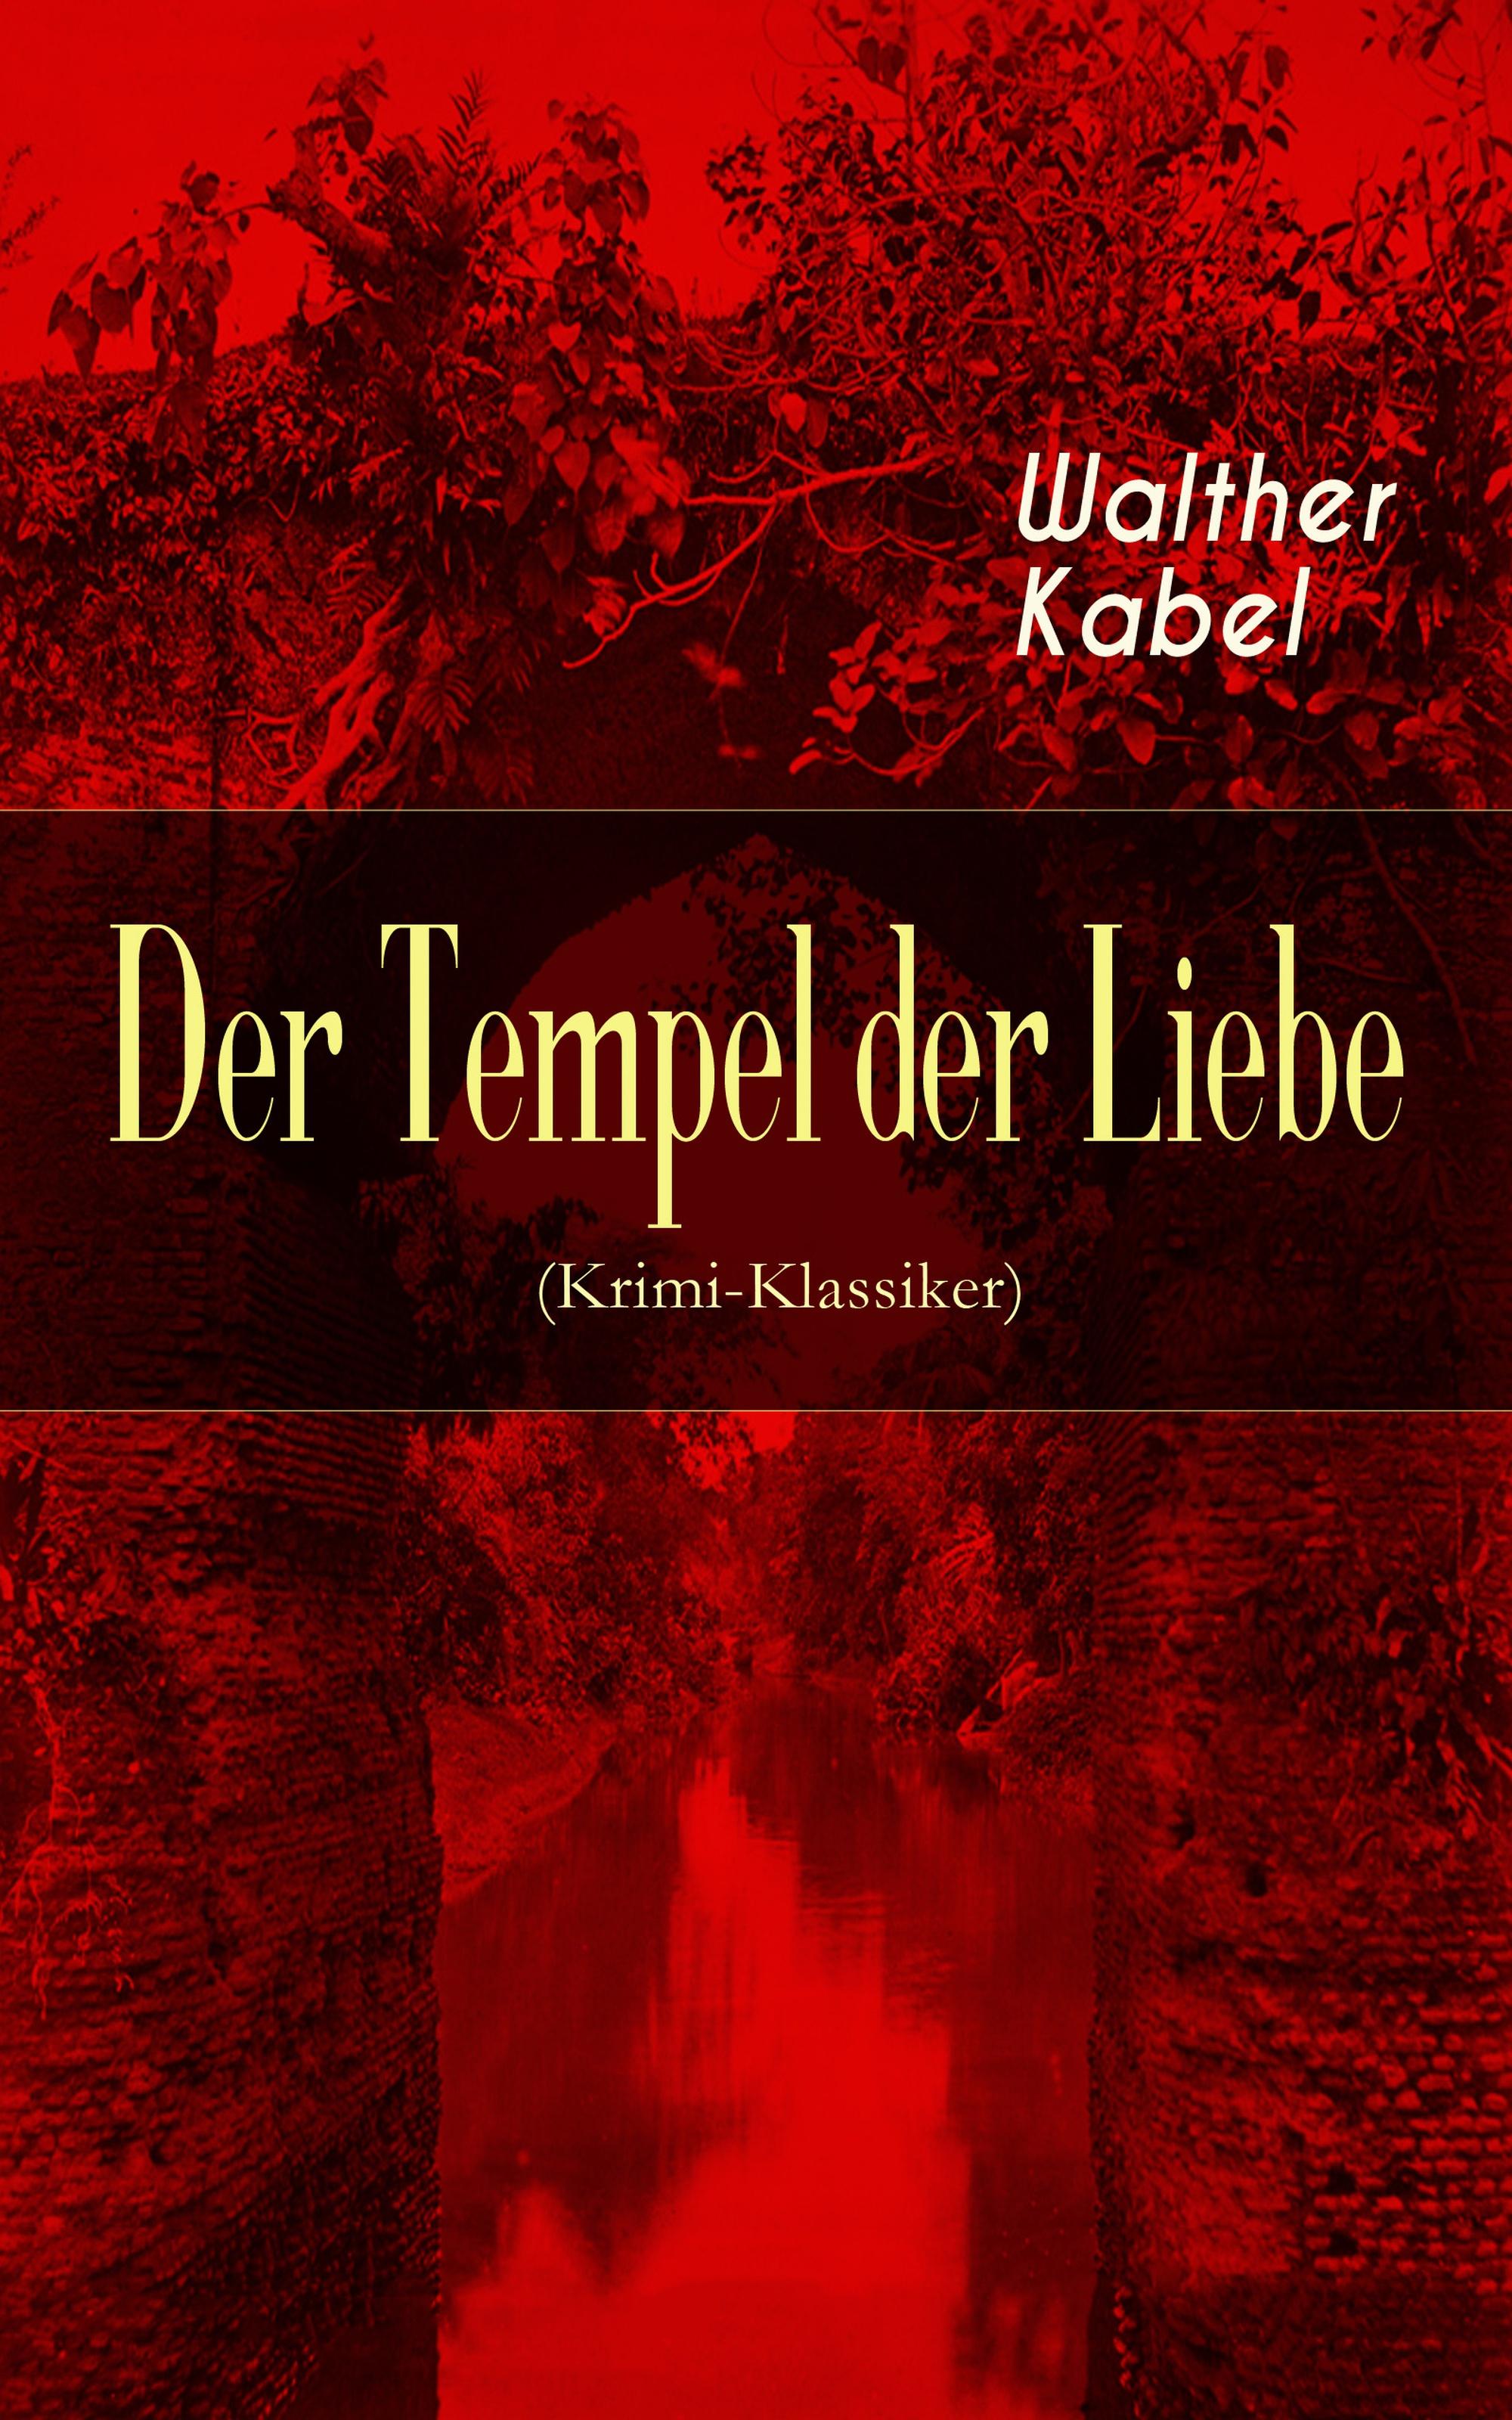 Walther Kabel Der Tempel der Liebe (Krimi-Klassiker) james fenimore cooper der pfadfinder western klassiker